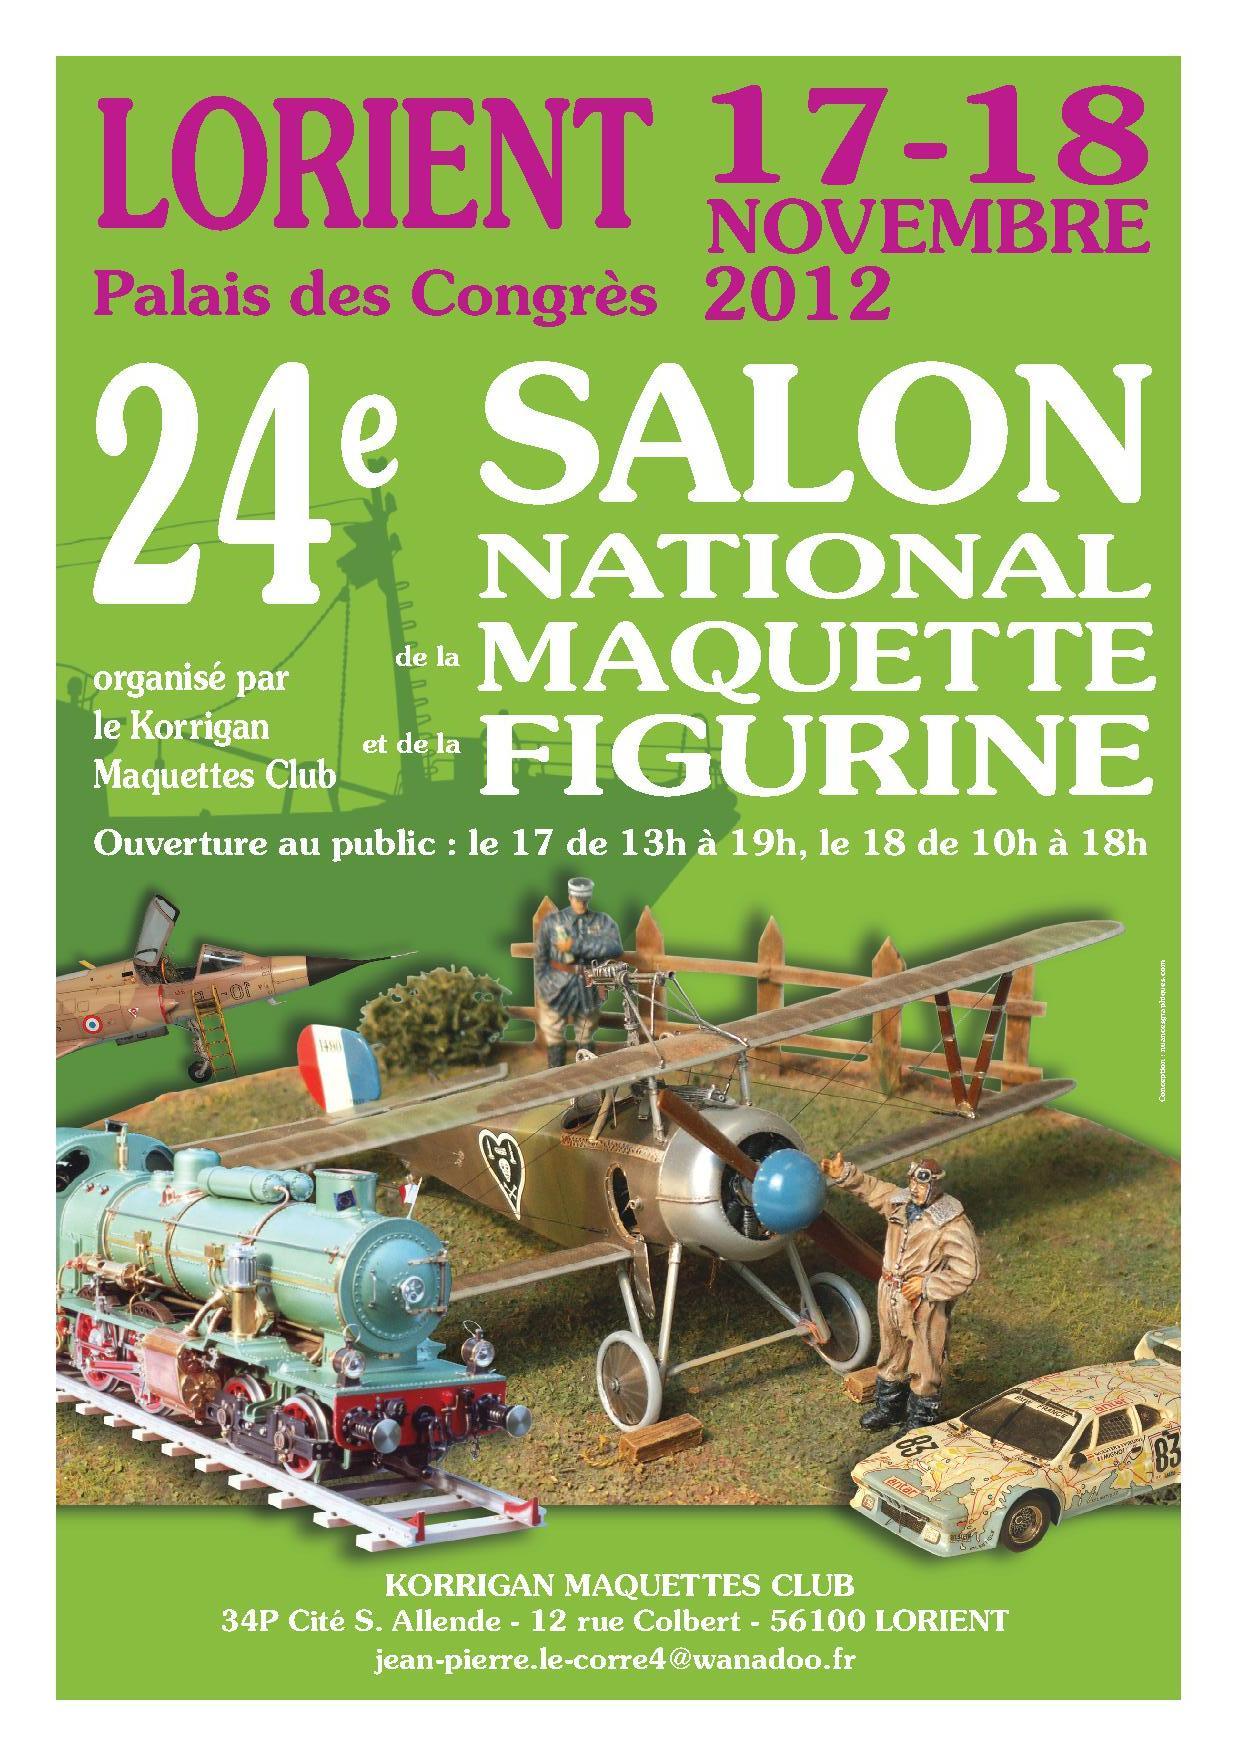 Salon de la maquette et de la figurine, Lorient 17-18 novembre 2012 AnOriant2012